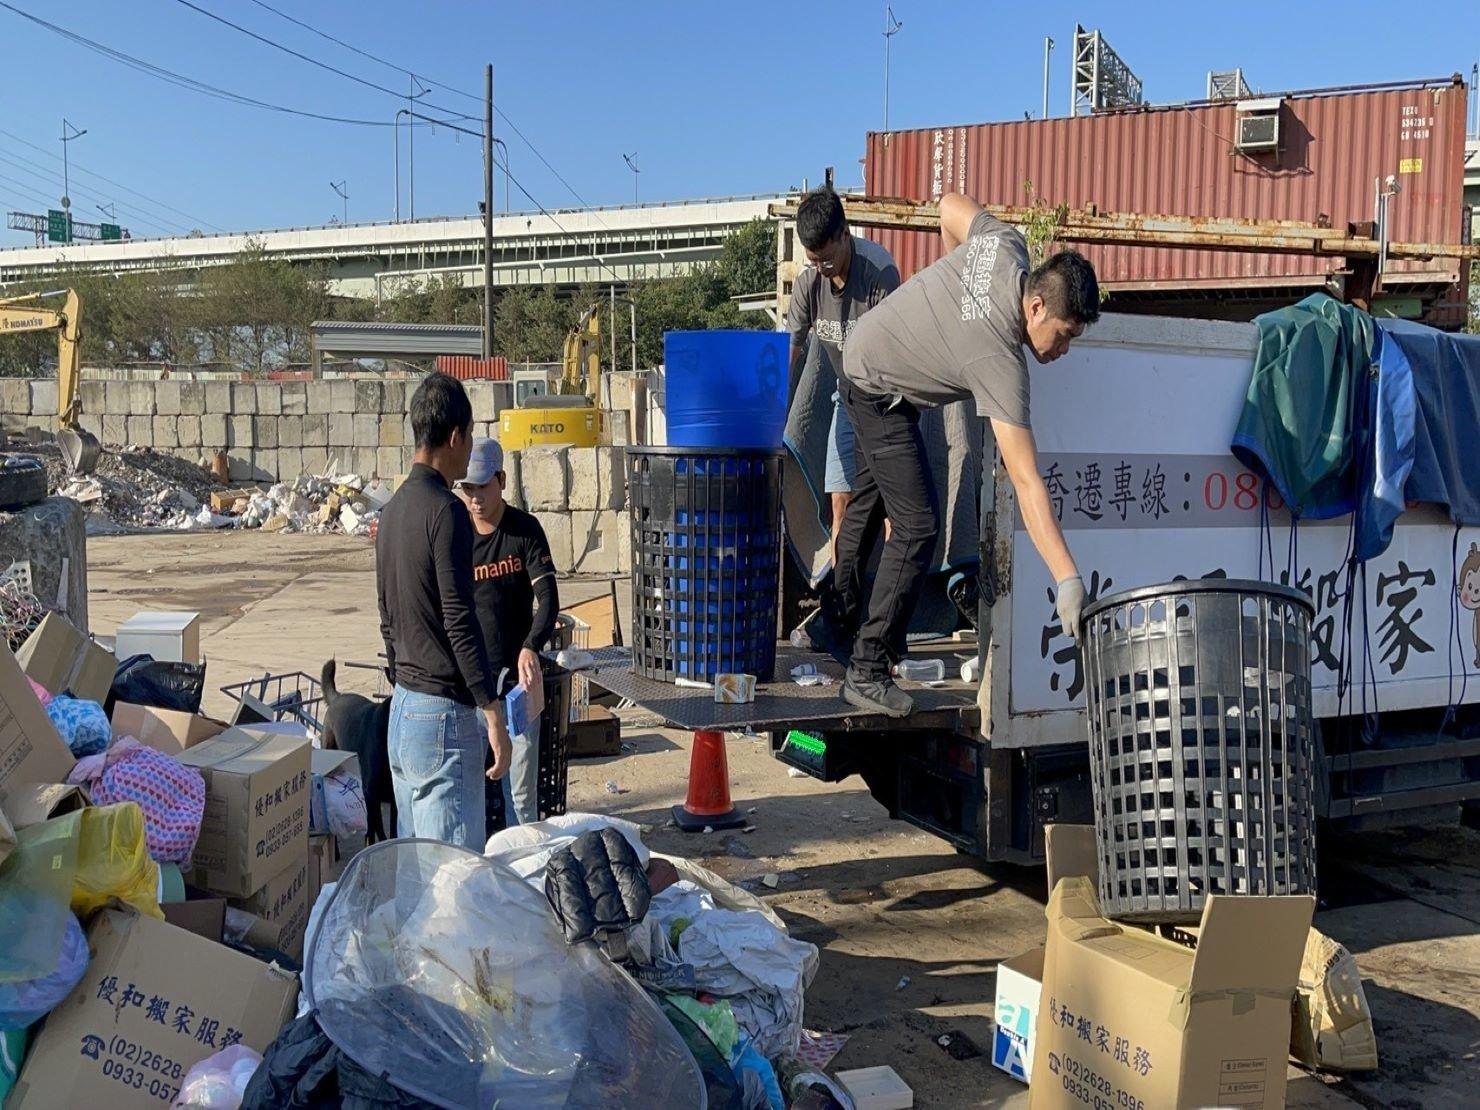 搬家公司推薦、新北搬家推薦【榮福搬家公司】南港搬家、桃園搬家公司推薦、台北搬家公司推薦、廢棄家具處理、廢棄家具清運、家庭廢棄物清運、清運、搬家、家具垃圾清運、垃圾廢棄處理、垃圾廢棄清運、搬家具、大型家具搬運、冰箱搬運、基隆搬家、搬家電、床墊搬運、搬公司行號、跨縣市搬家、家庭搬家、搬鋼琴、搬工、搬運、搬家紙箱,針對顧客都秉持以用心實在專業搬家技巧,搬家實在用心值得您的信賴與選擇。歡迎來電咨詢02-2651-2727,榮福搬家有專員立即為您服務。